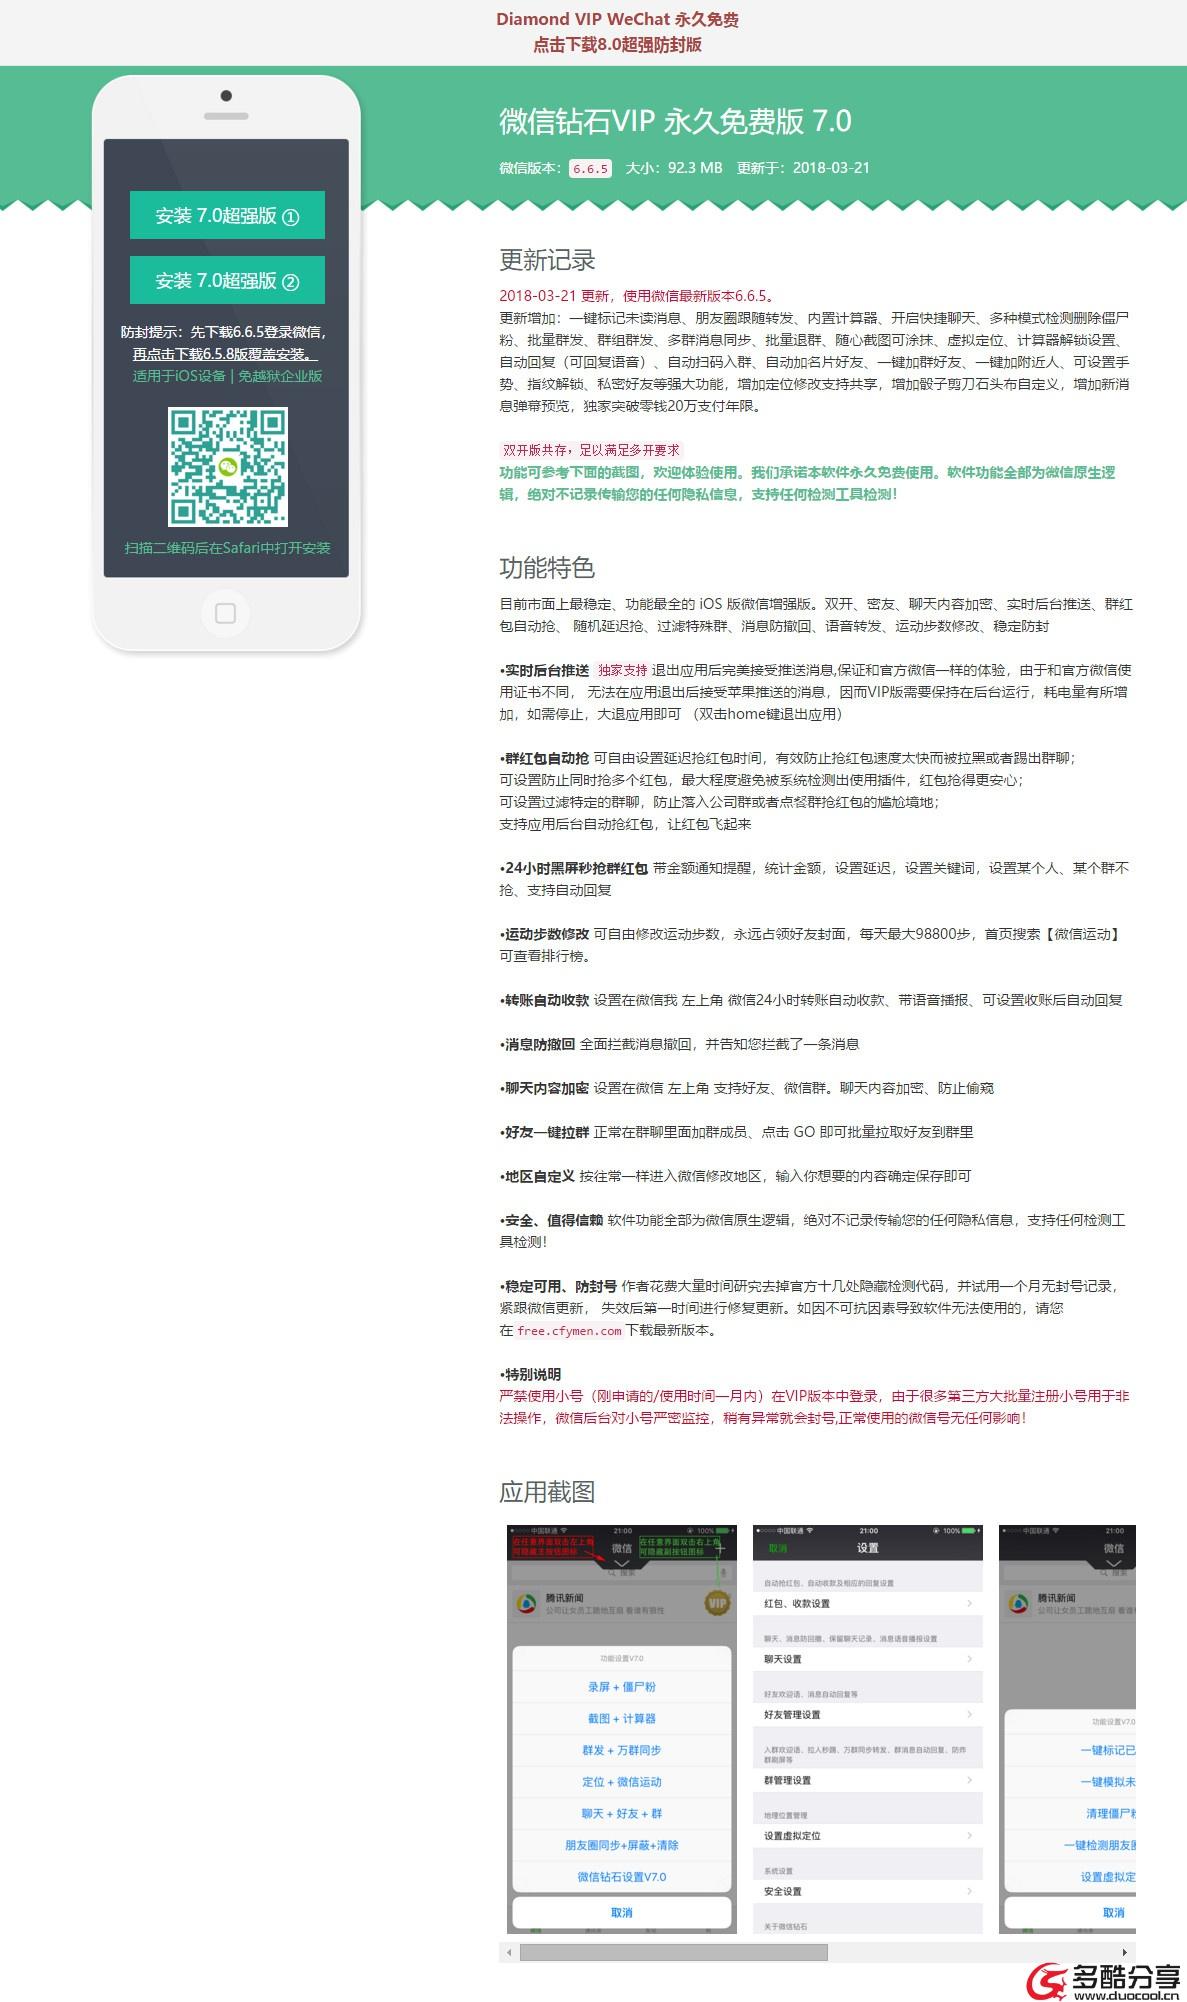 【软件分享】微信钻石VIP 永久免费版 8.0 多酷分享